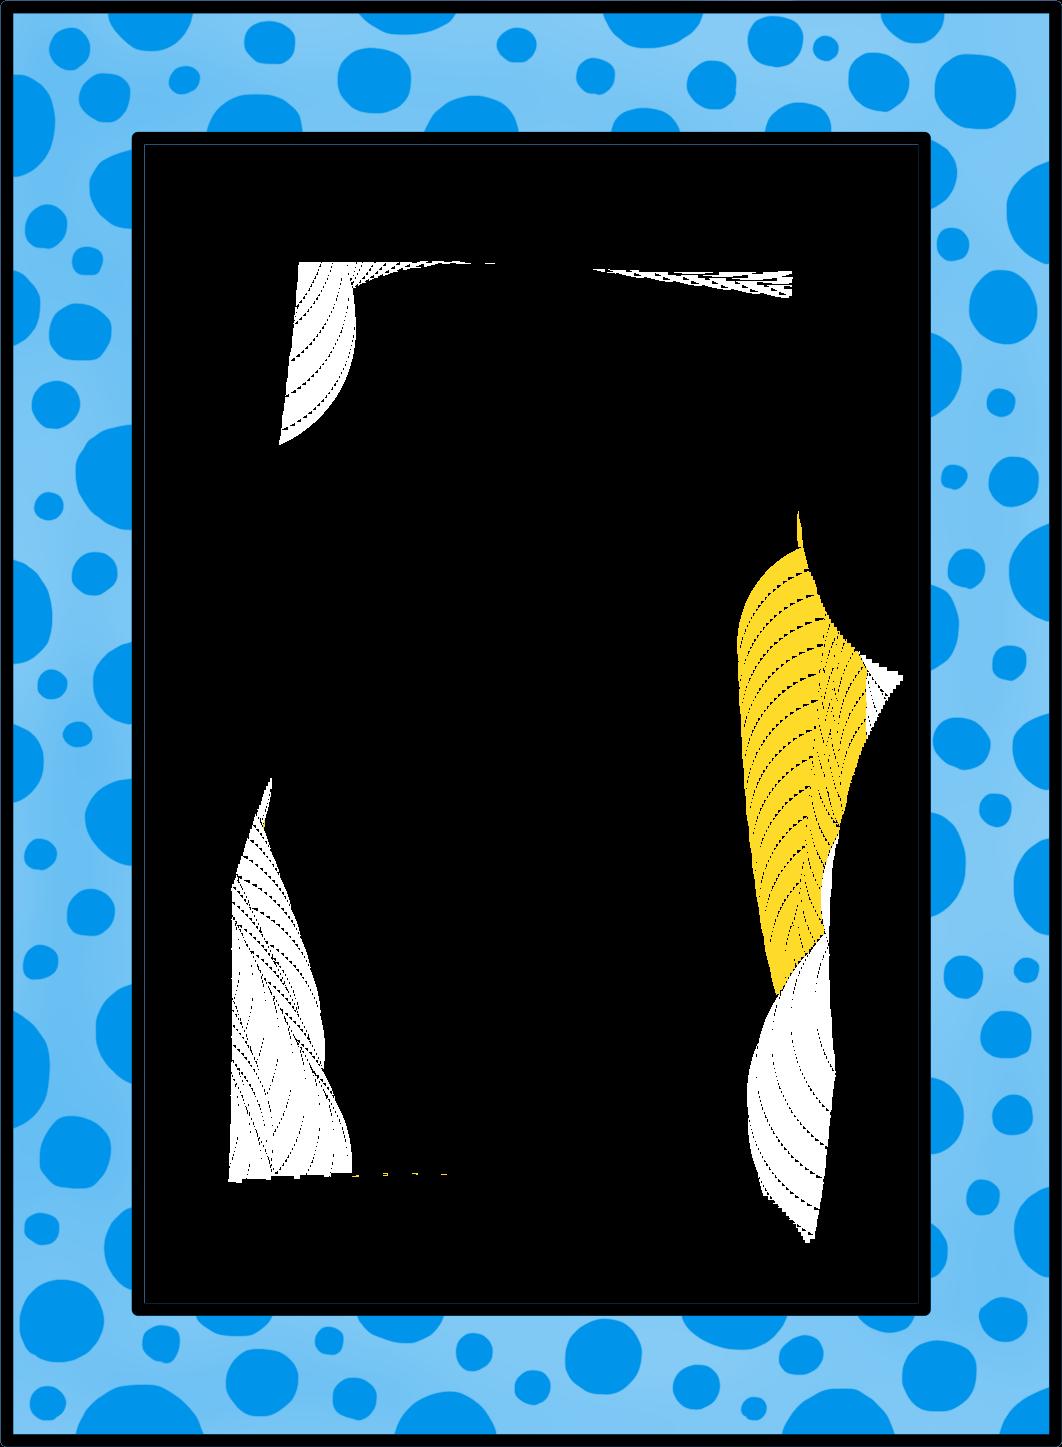 frames marcos frame. Journal clipart binder